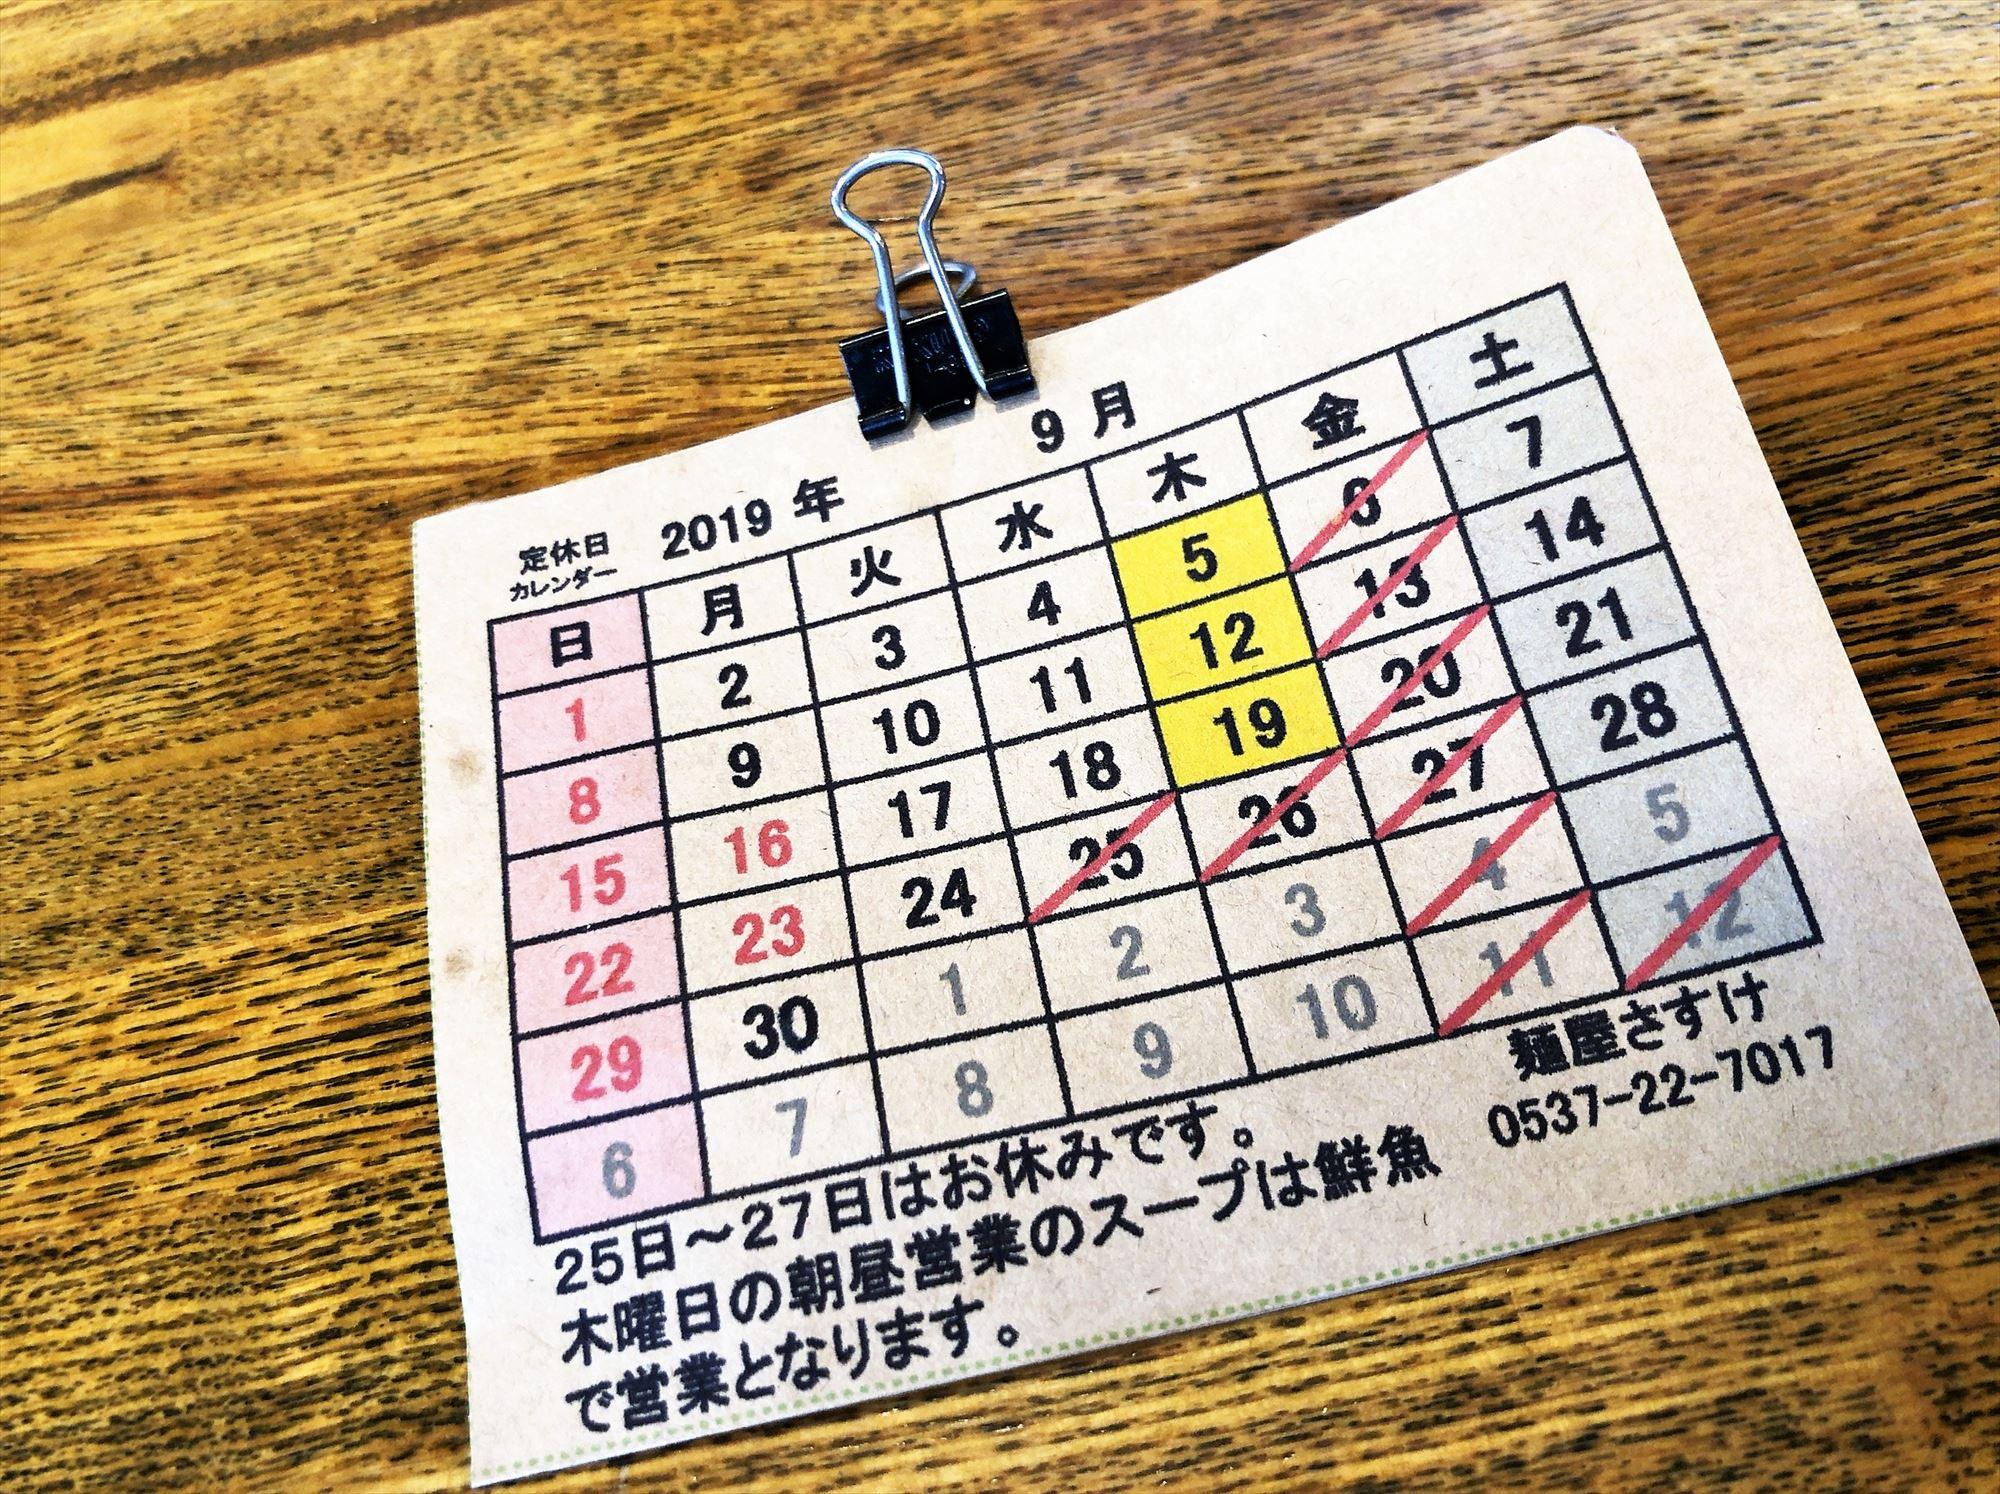 麺屋さすけのカレンダー